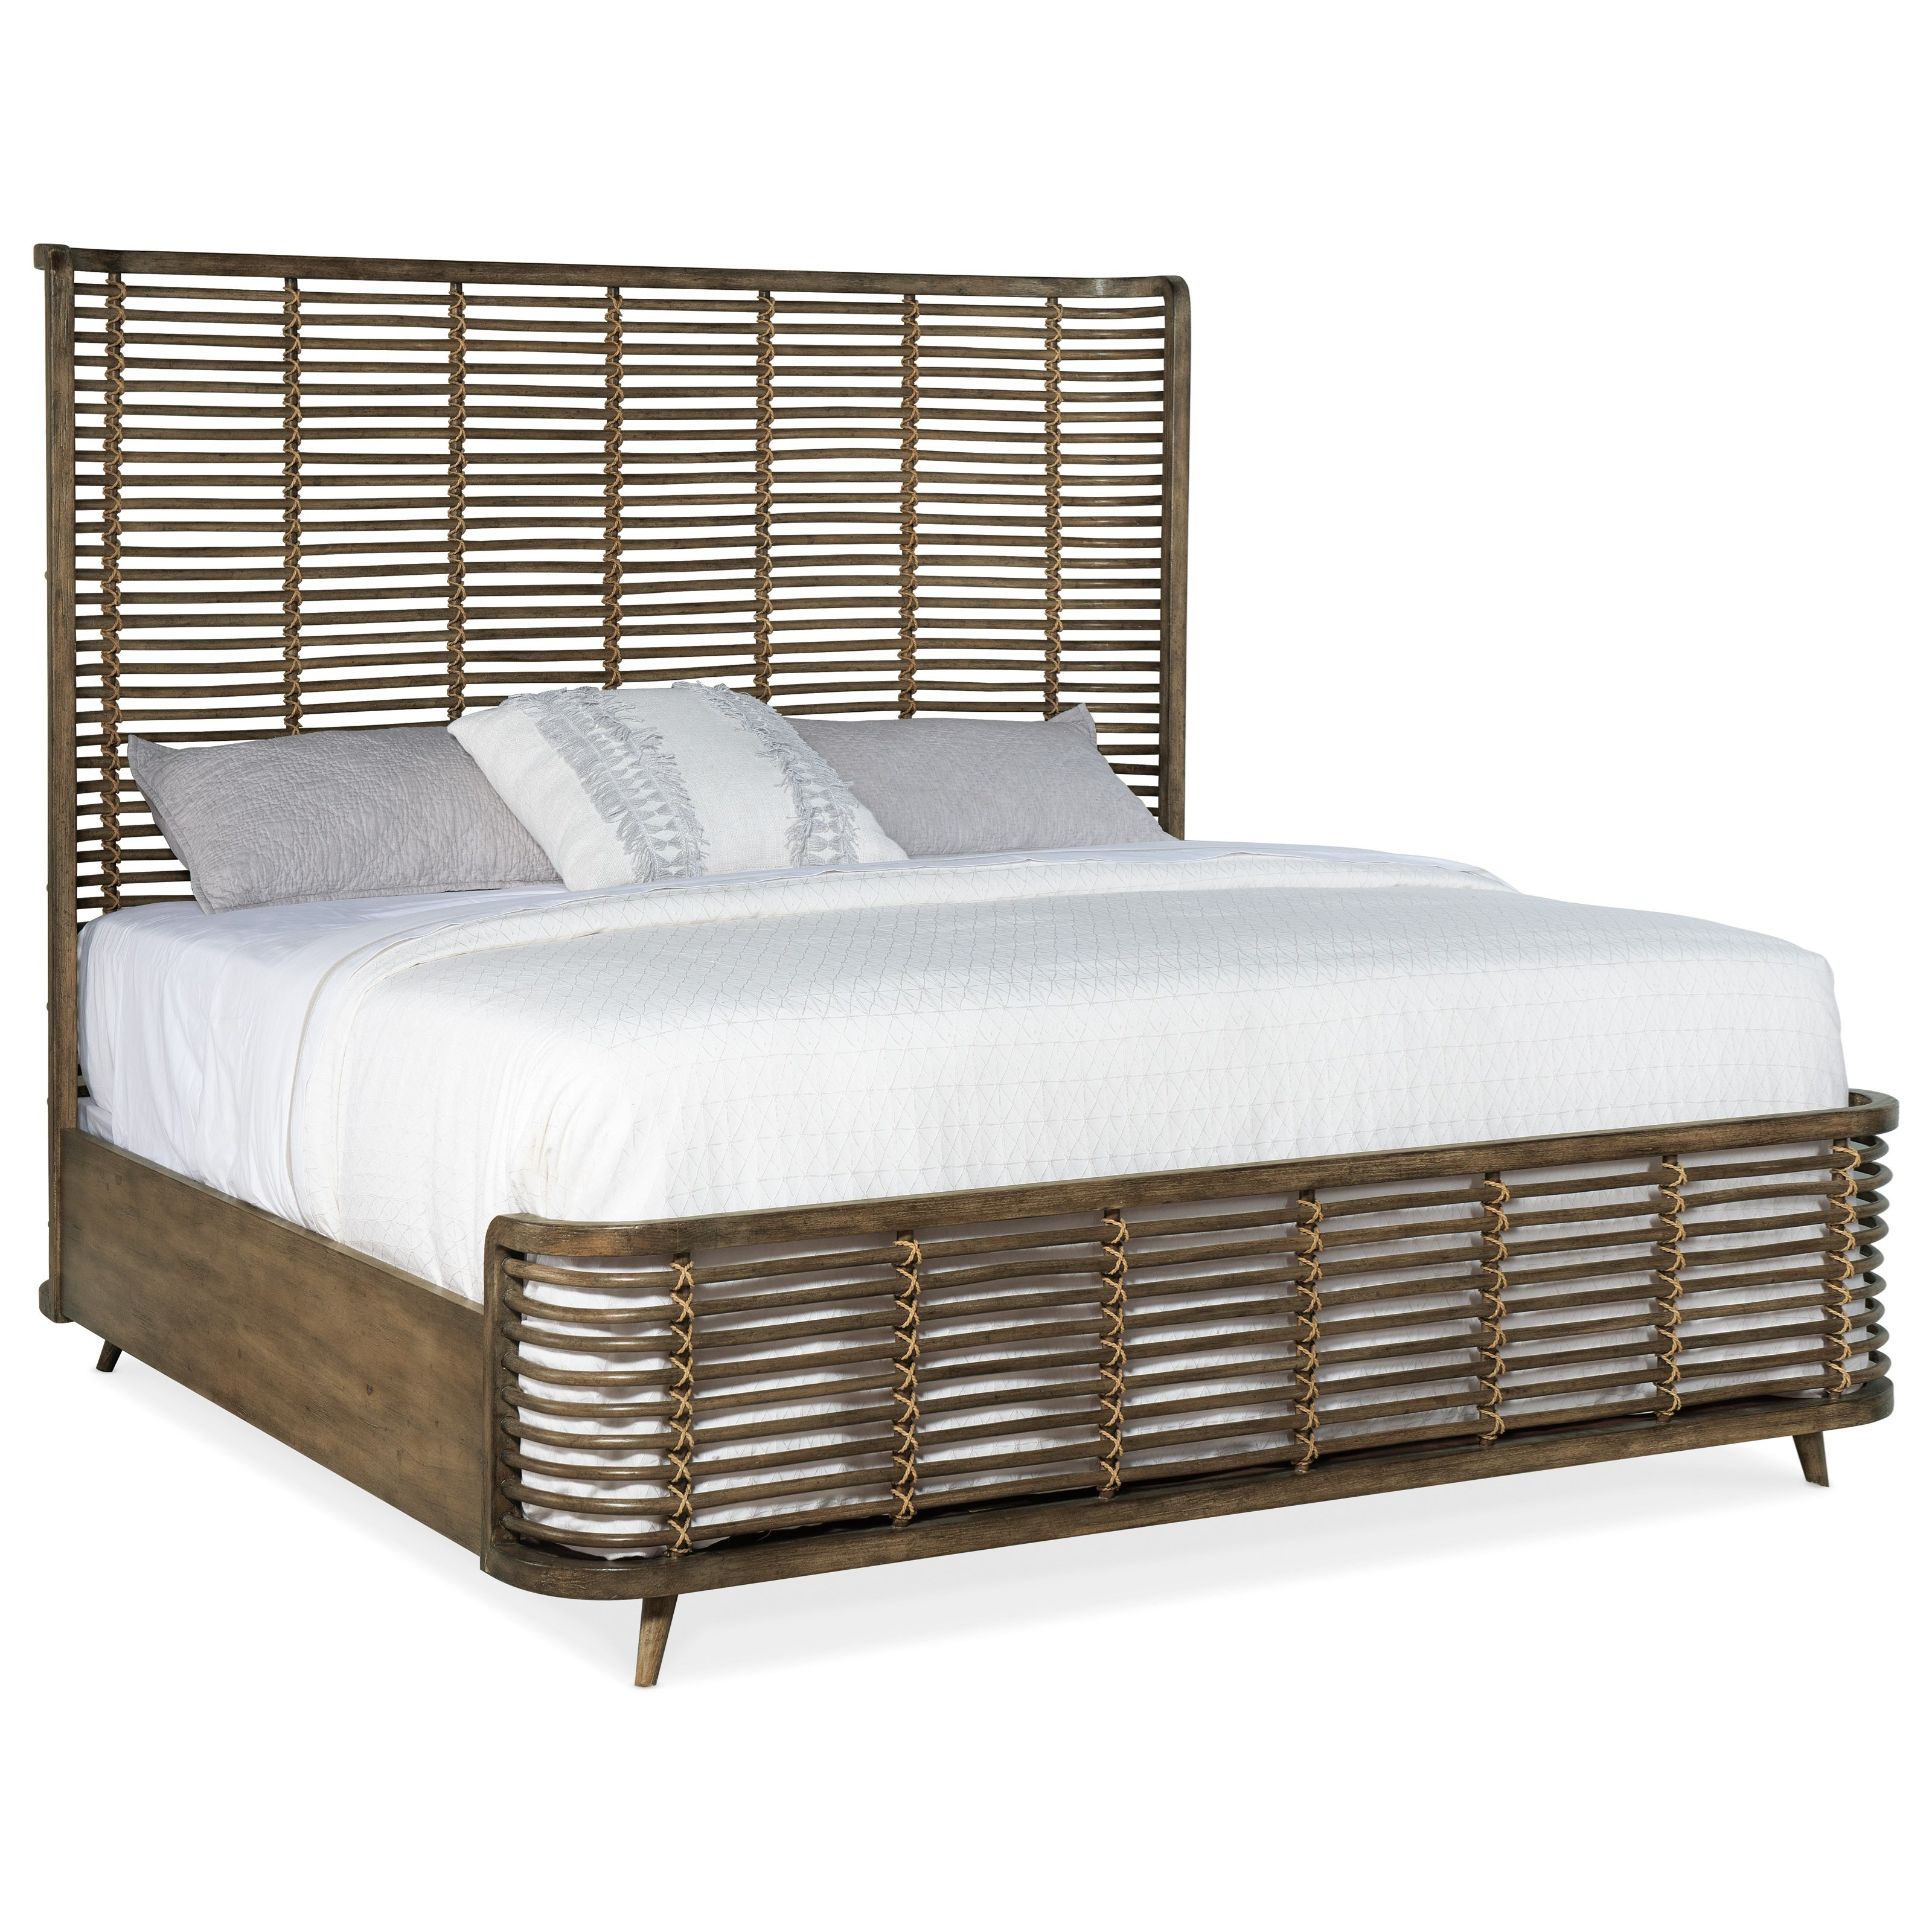 Queen Rattan Bed